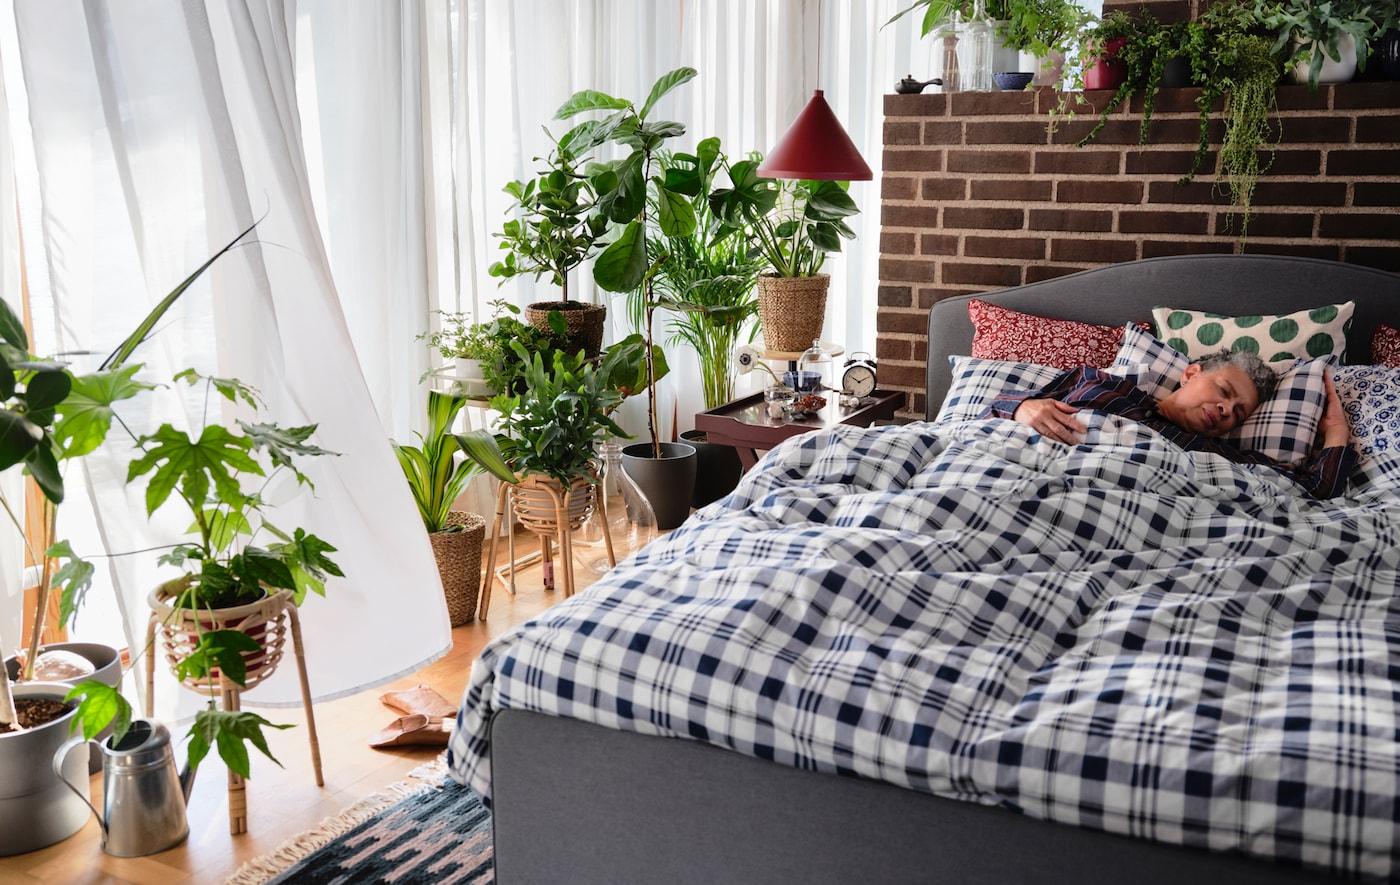 Žena spava na ojastučenom HAUGA krevetu s kockastom navlakom u okruženju zelenih biljaka.